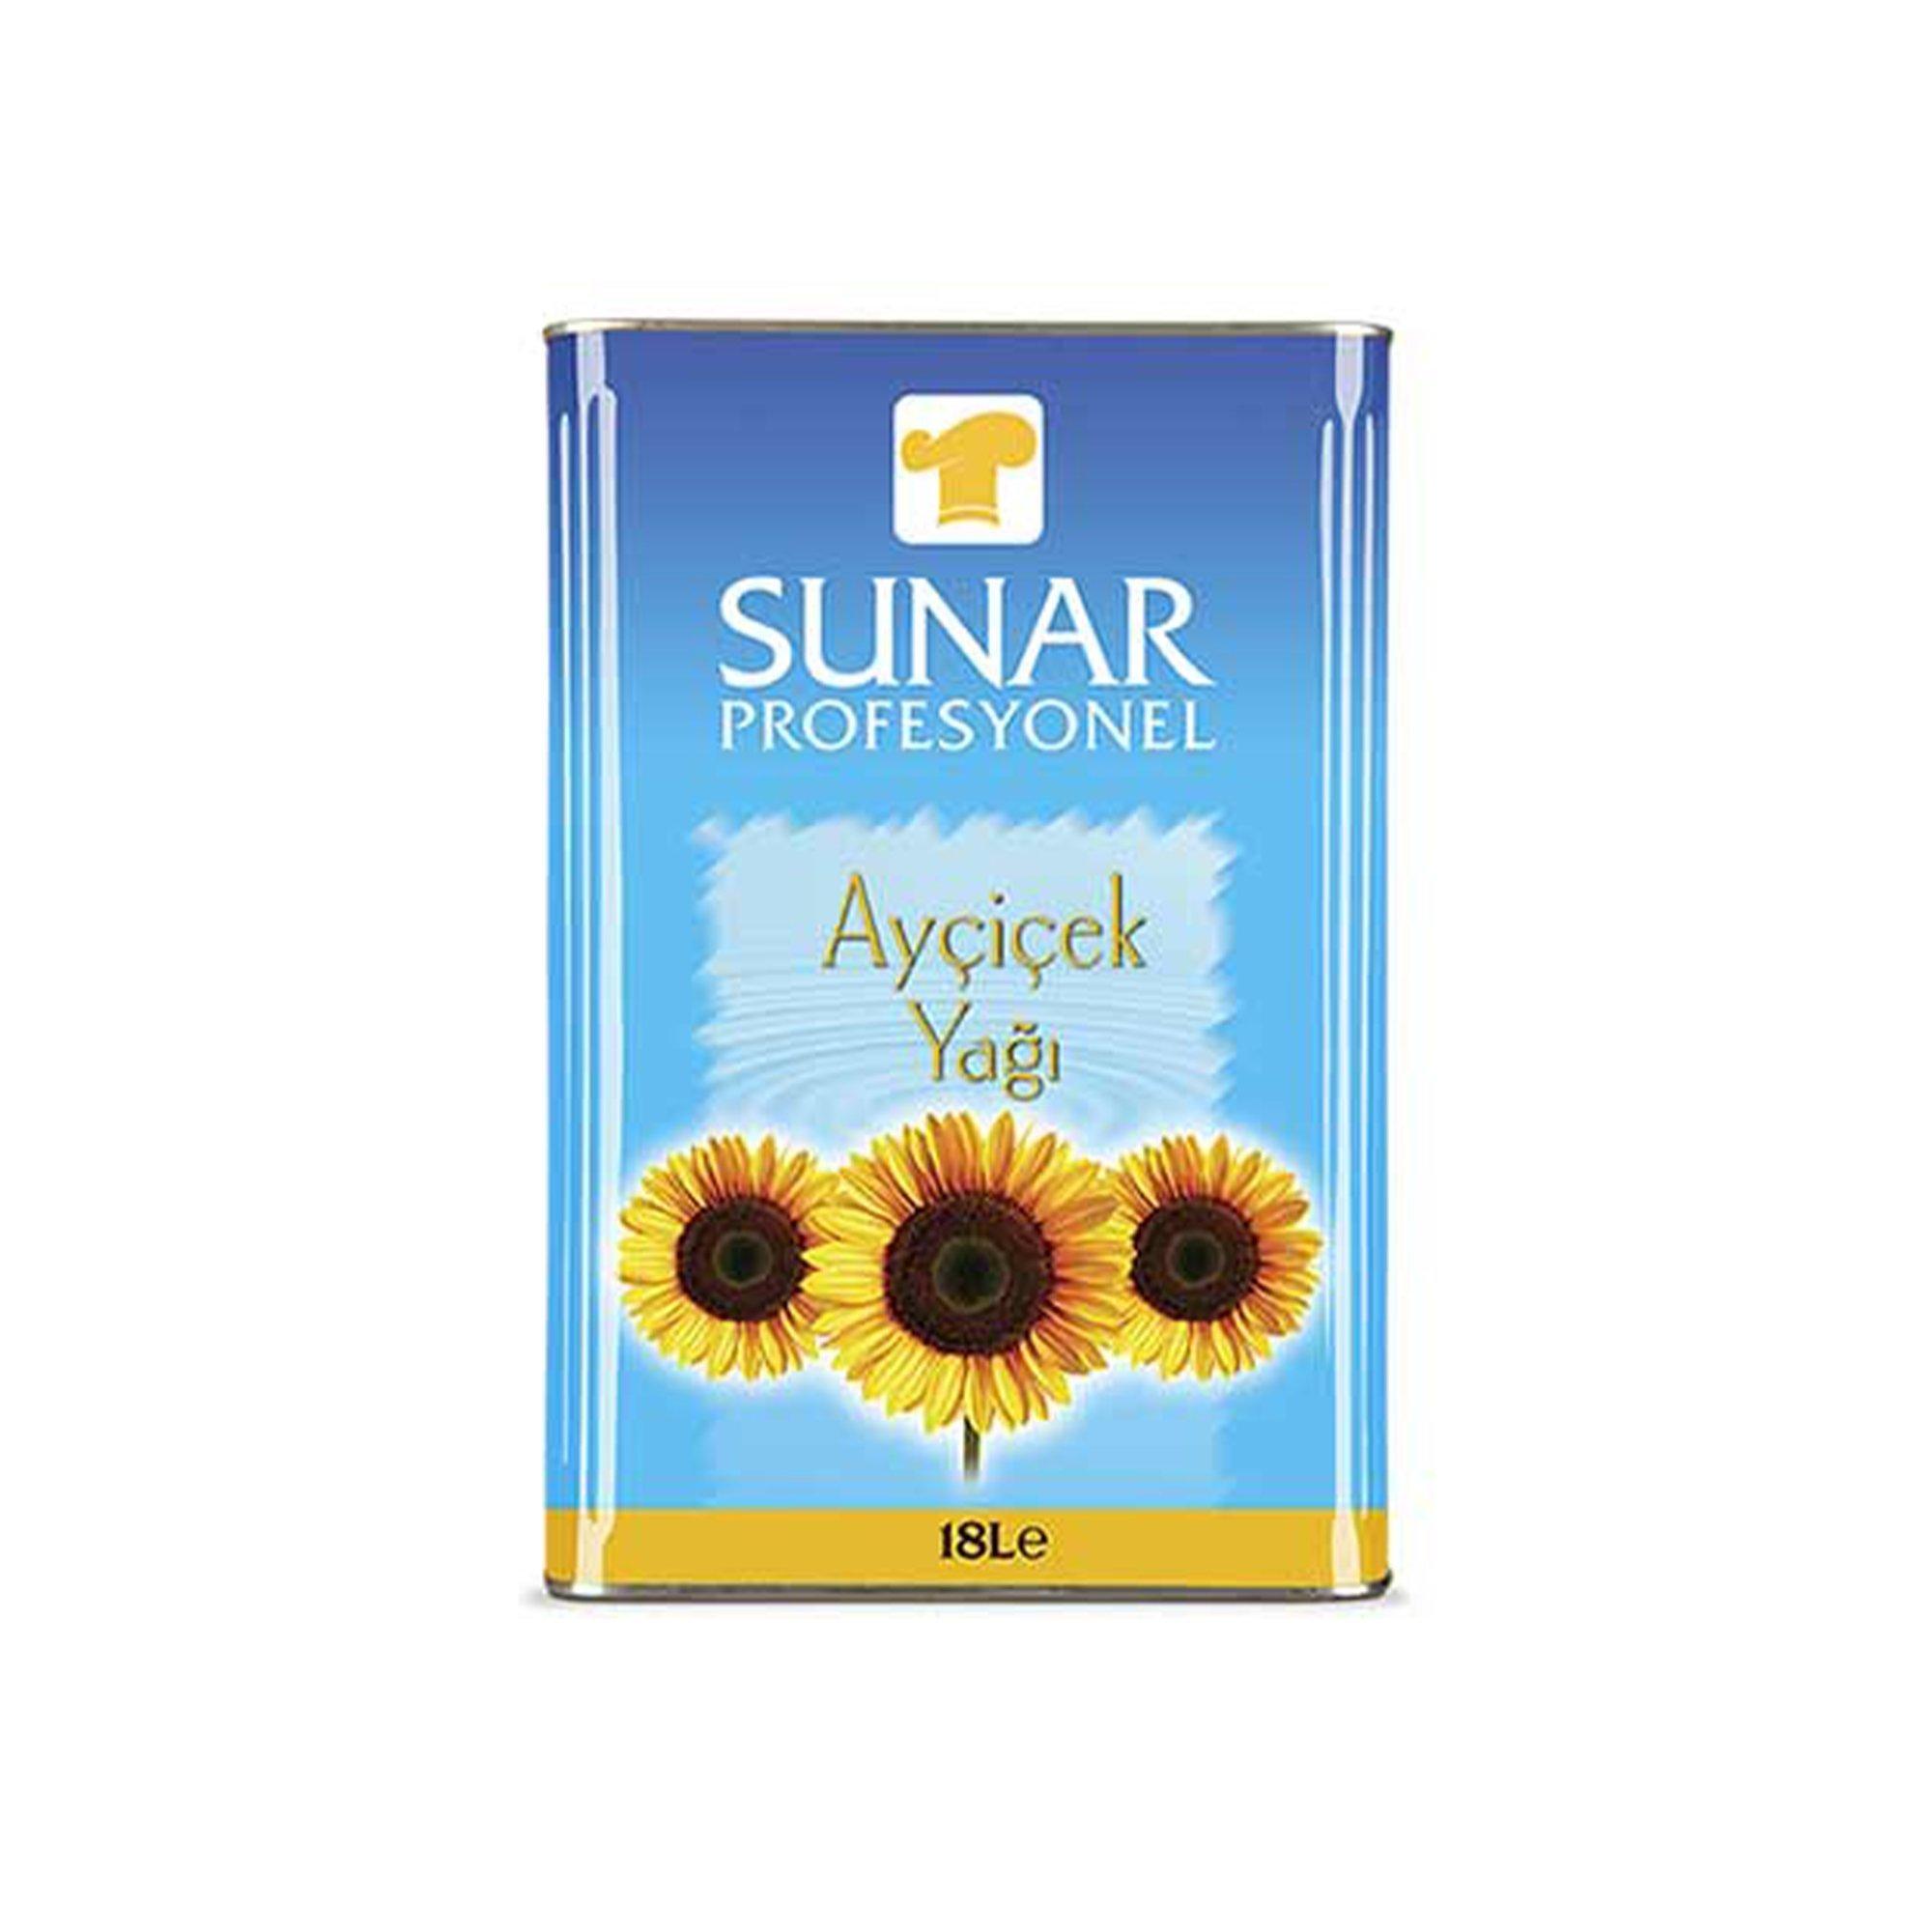 SUNAR AYCICEK YAGI *CATERING 18LT